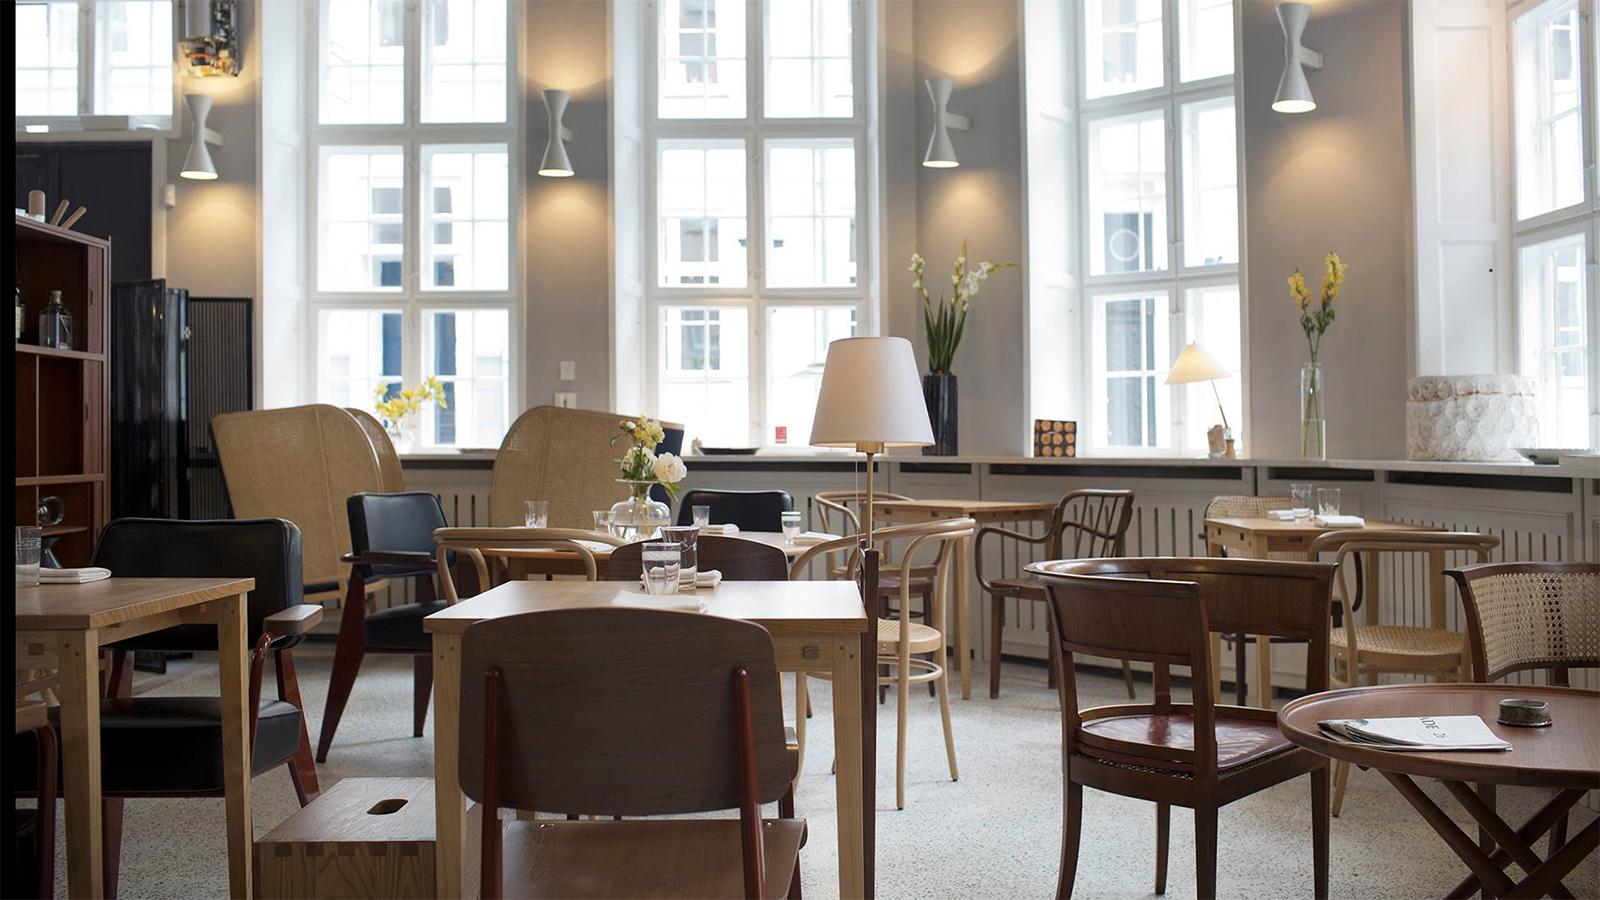 Admiralgade 26 restaurant in Copenhagen